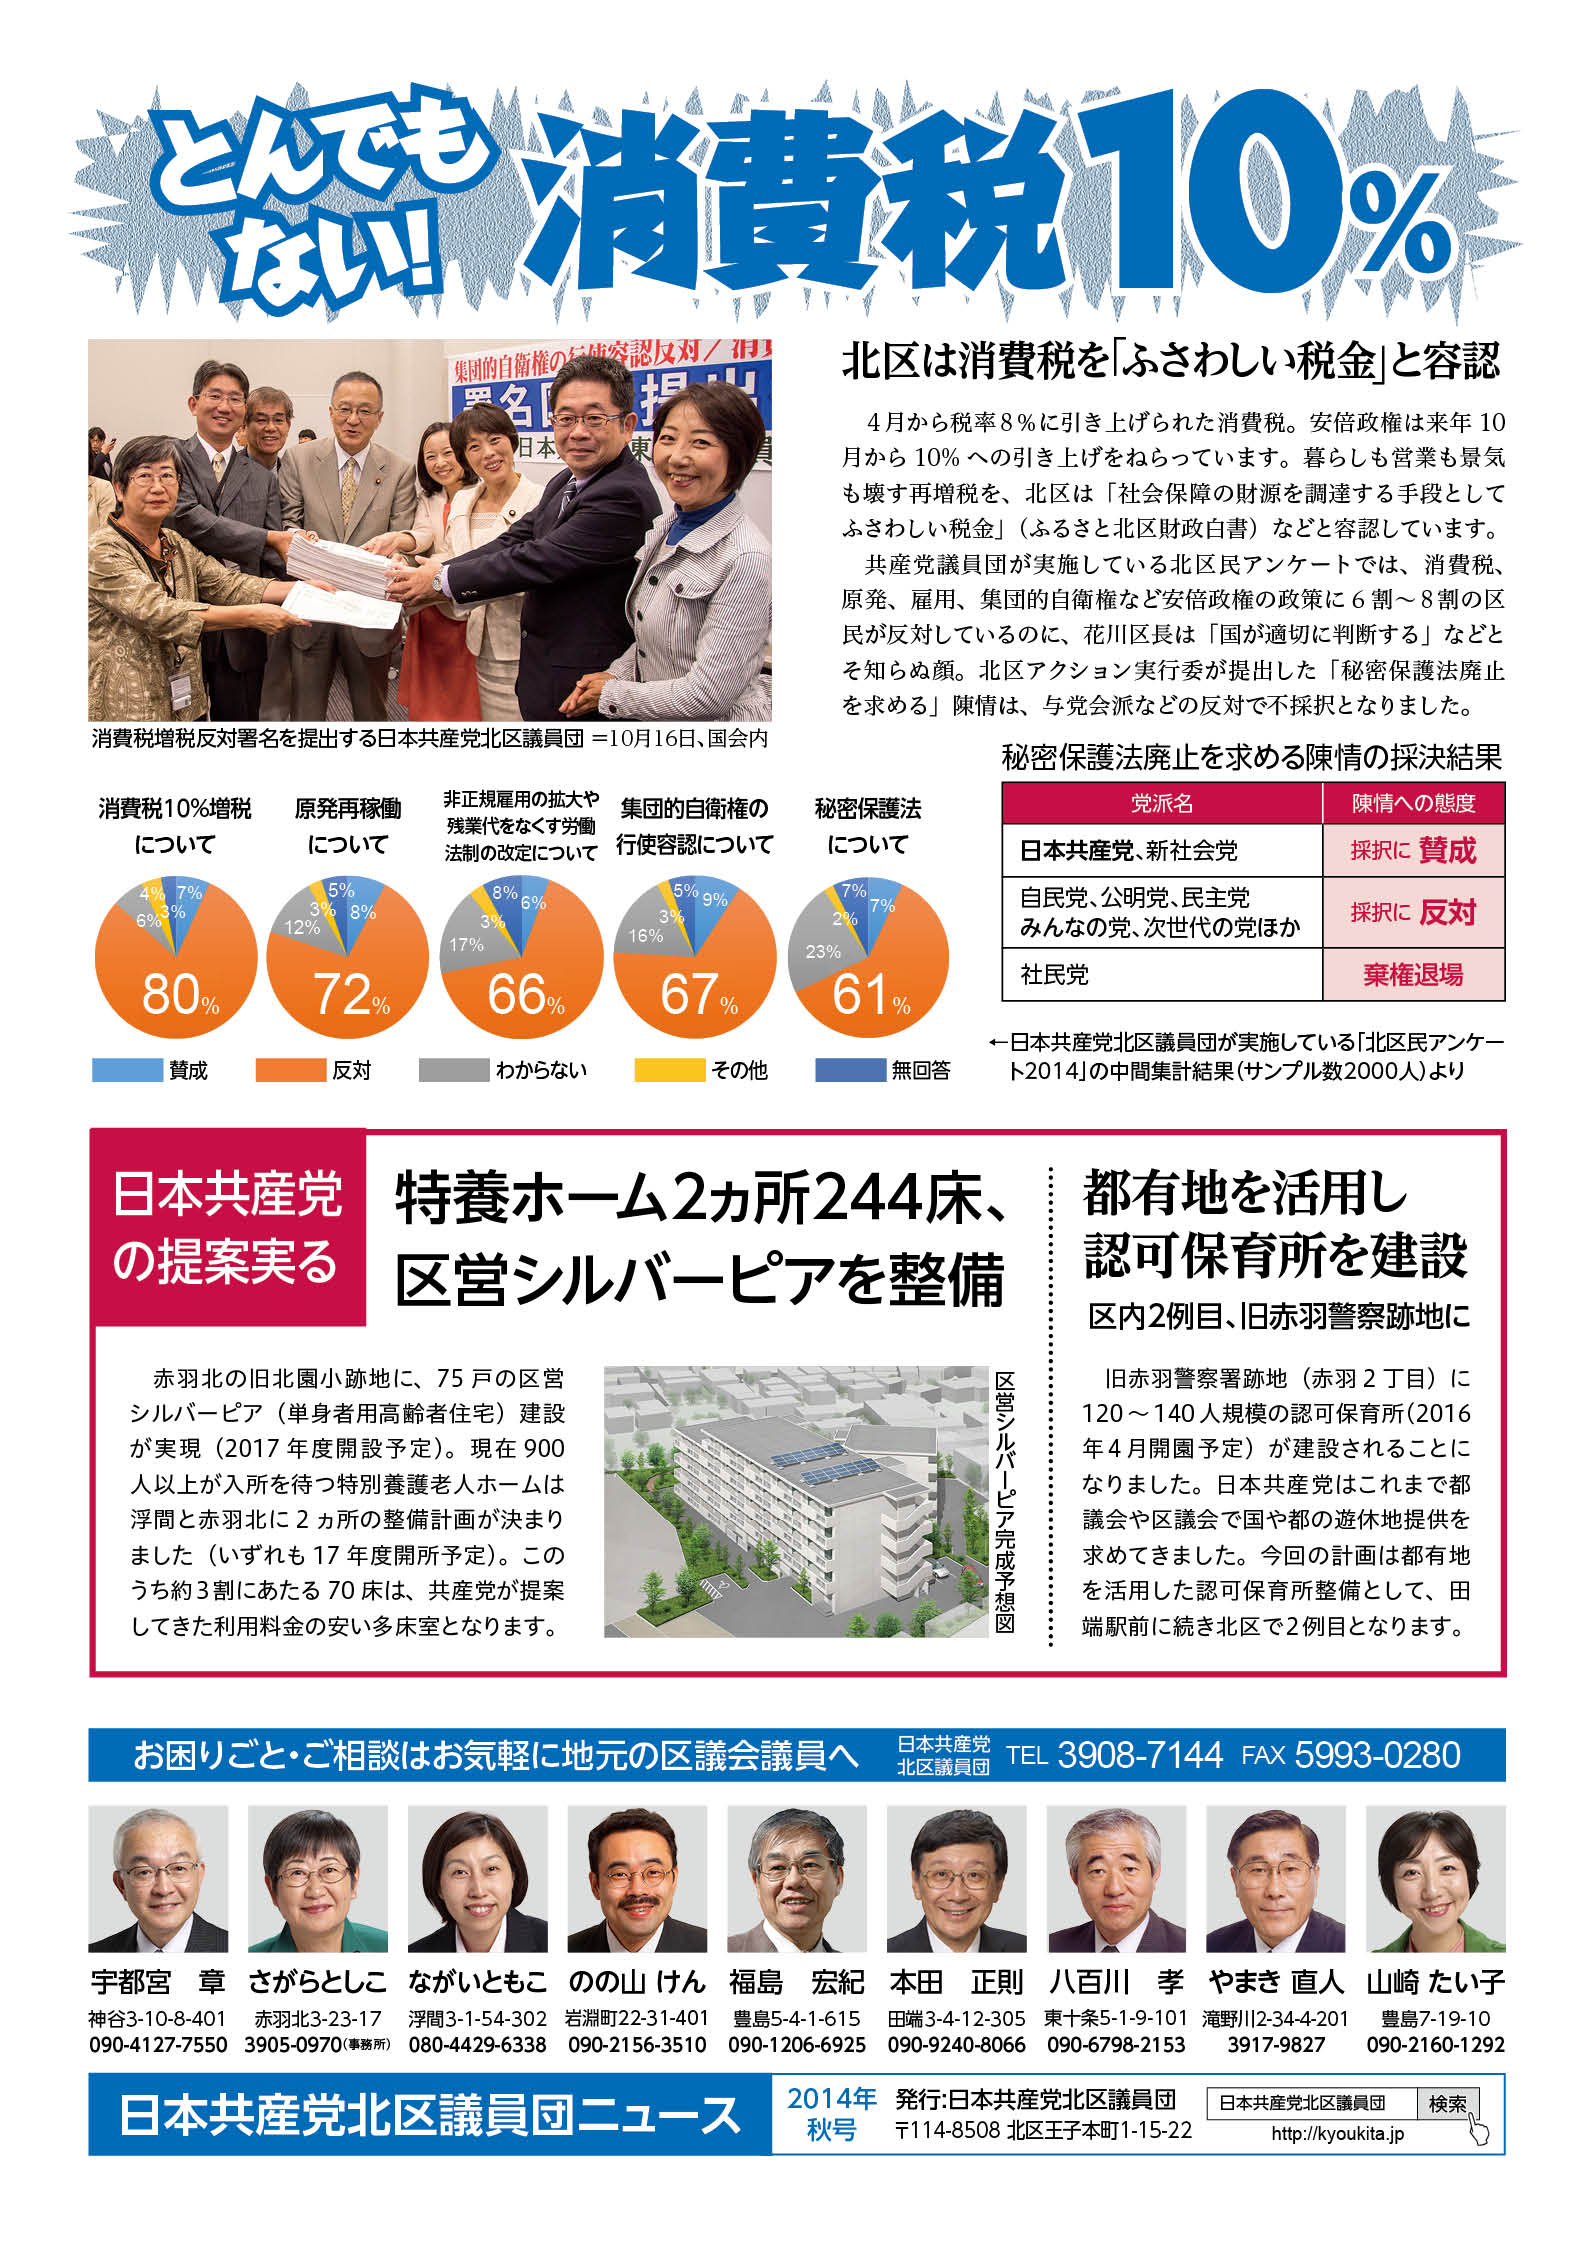 dan-news-2014-03